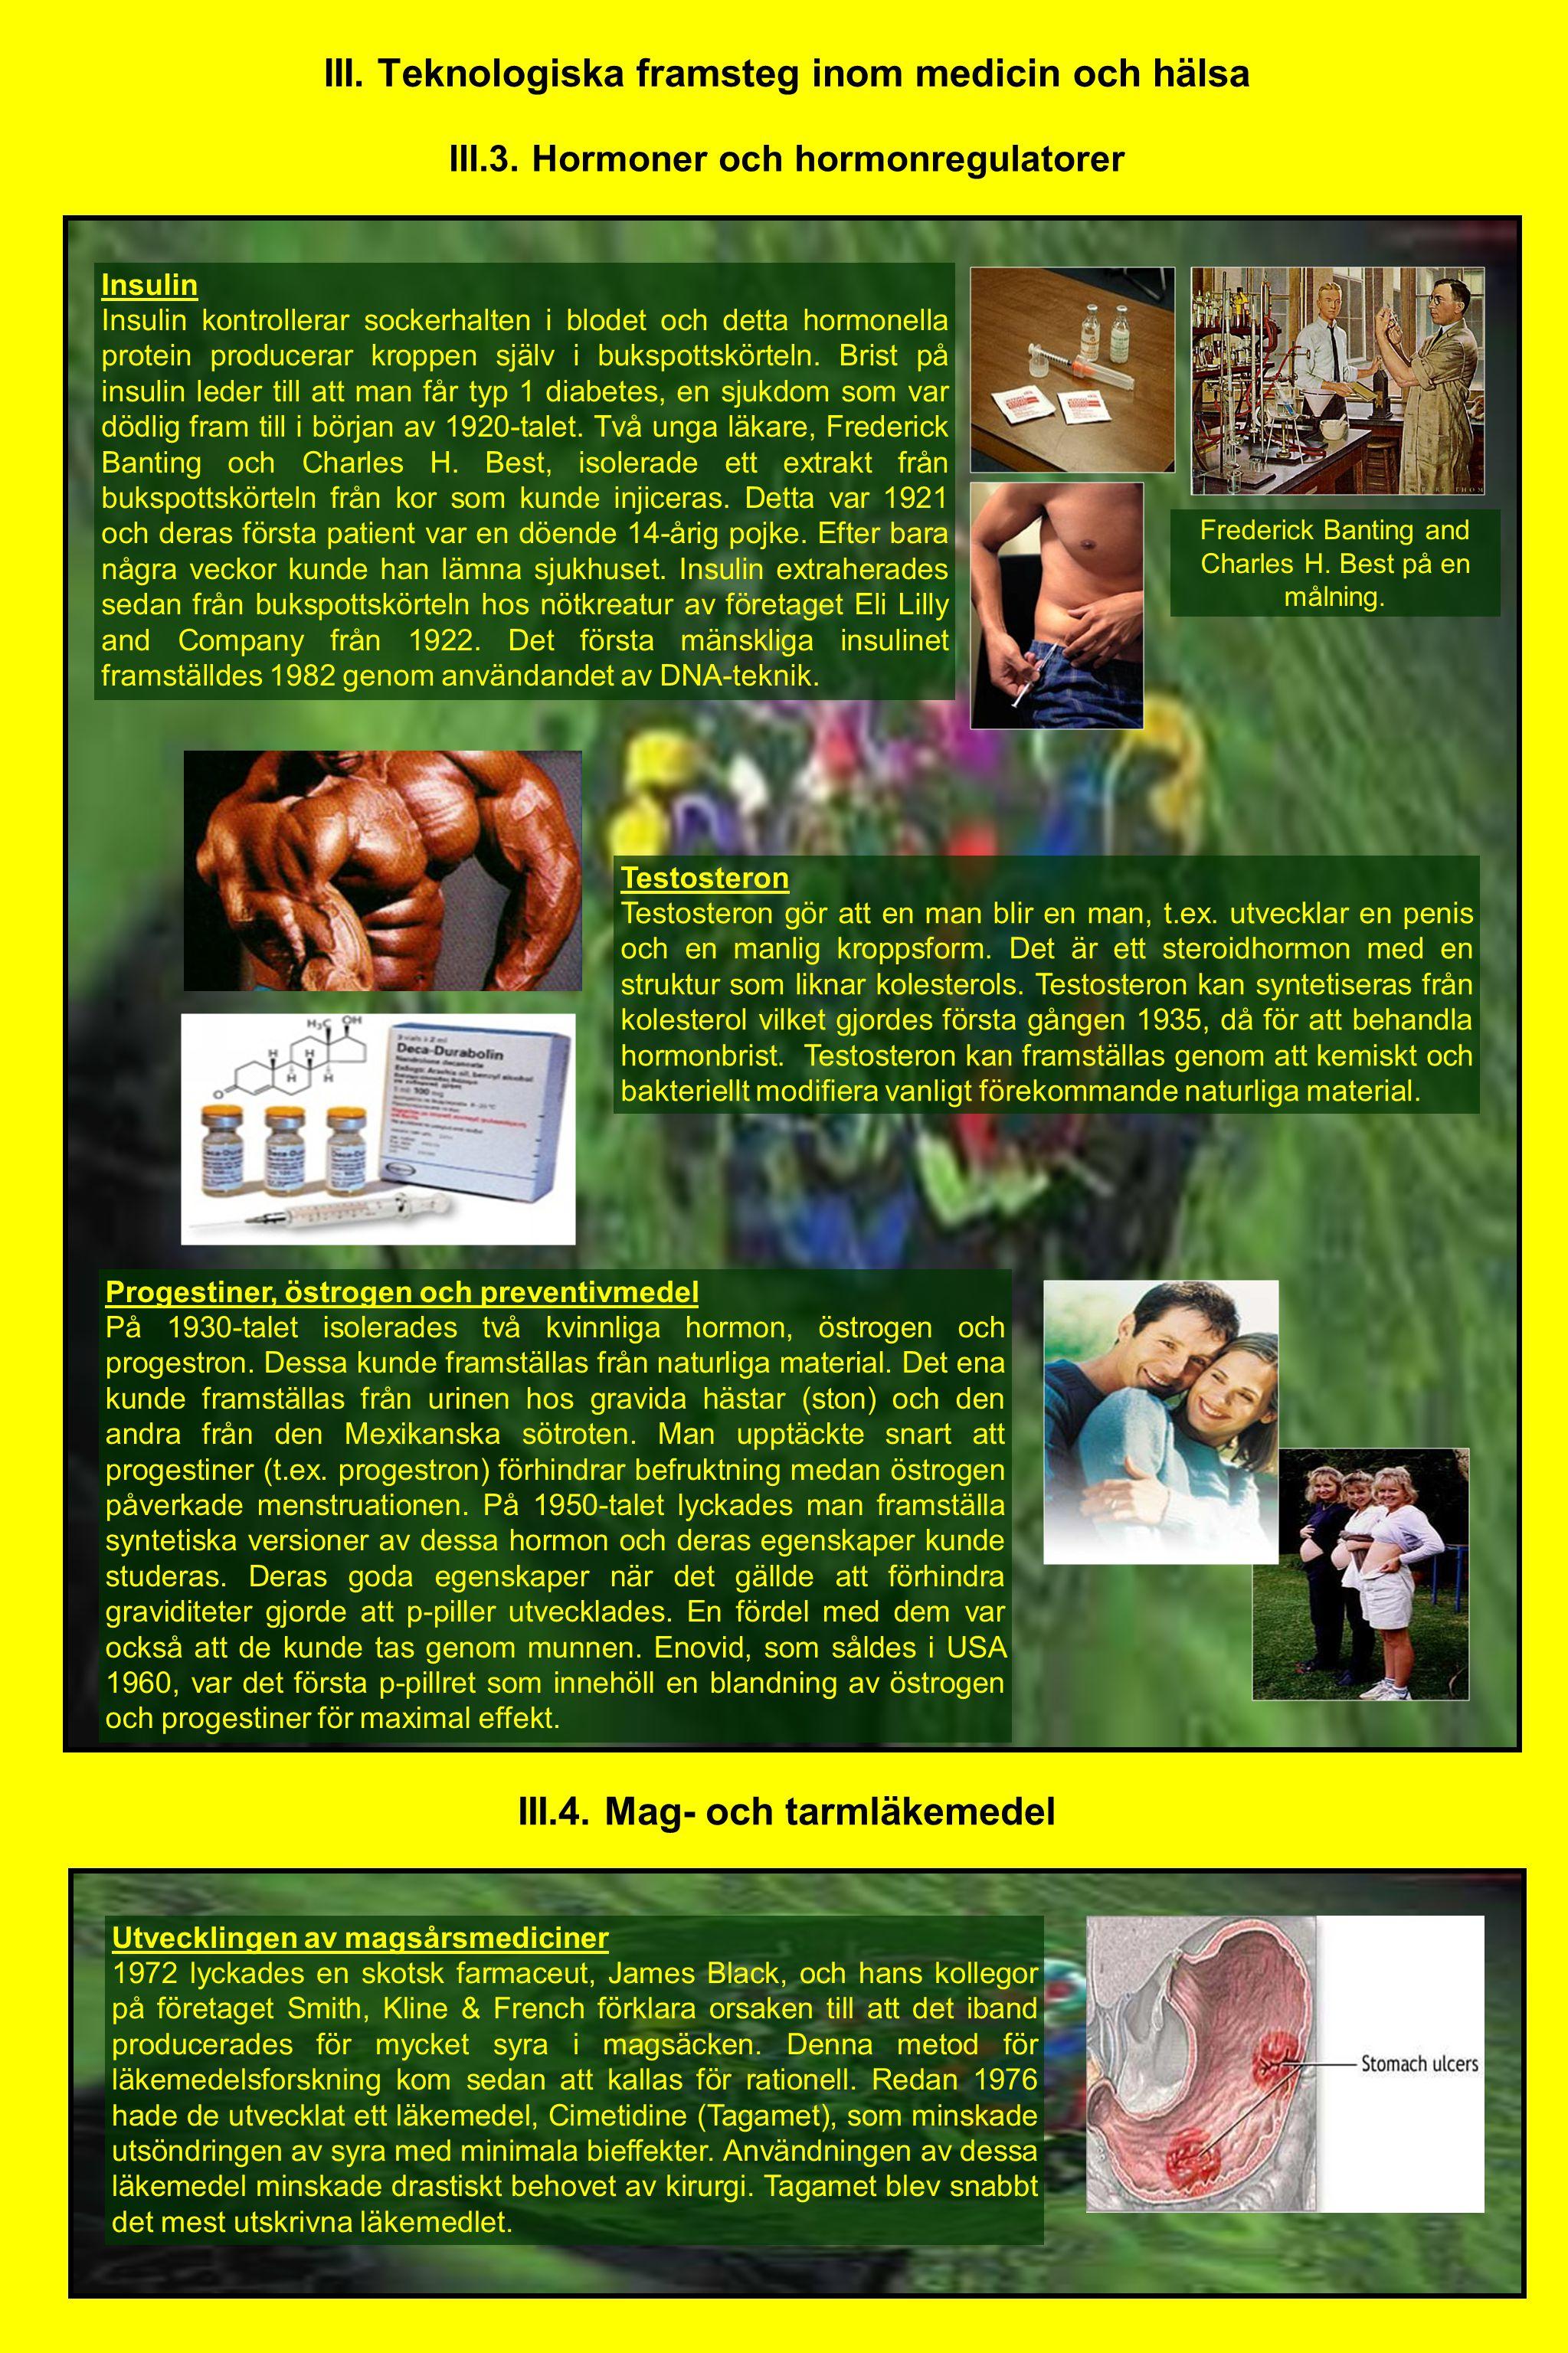 III. Teknologiska framsteg inom medicin och hälsa